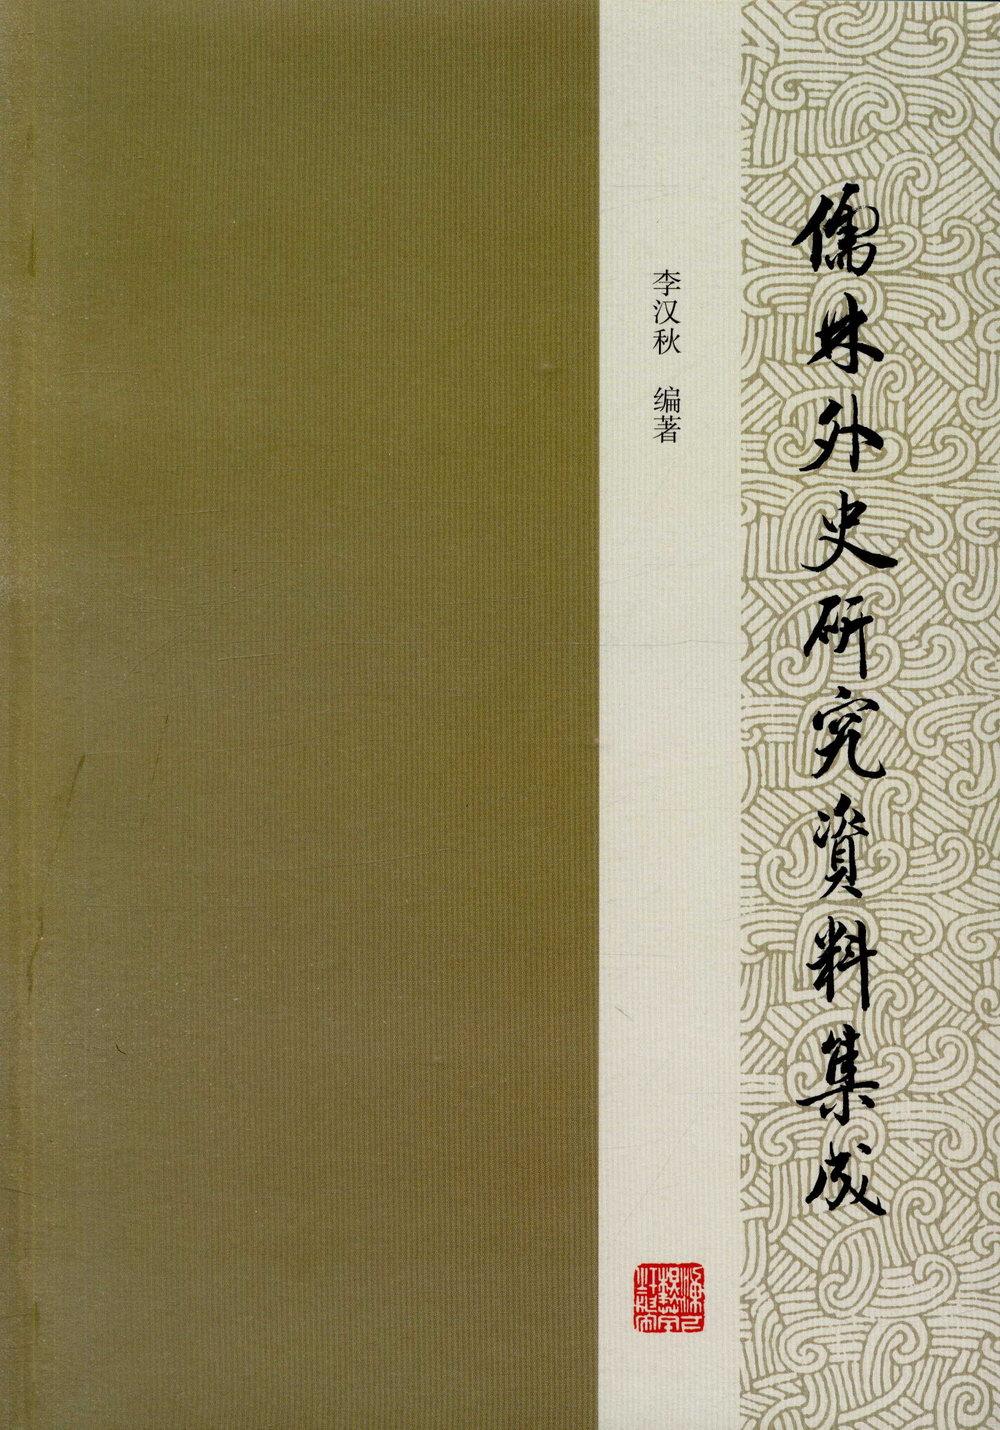 儒林外史研究數據集成